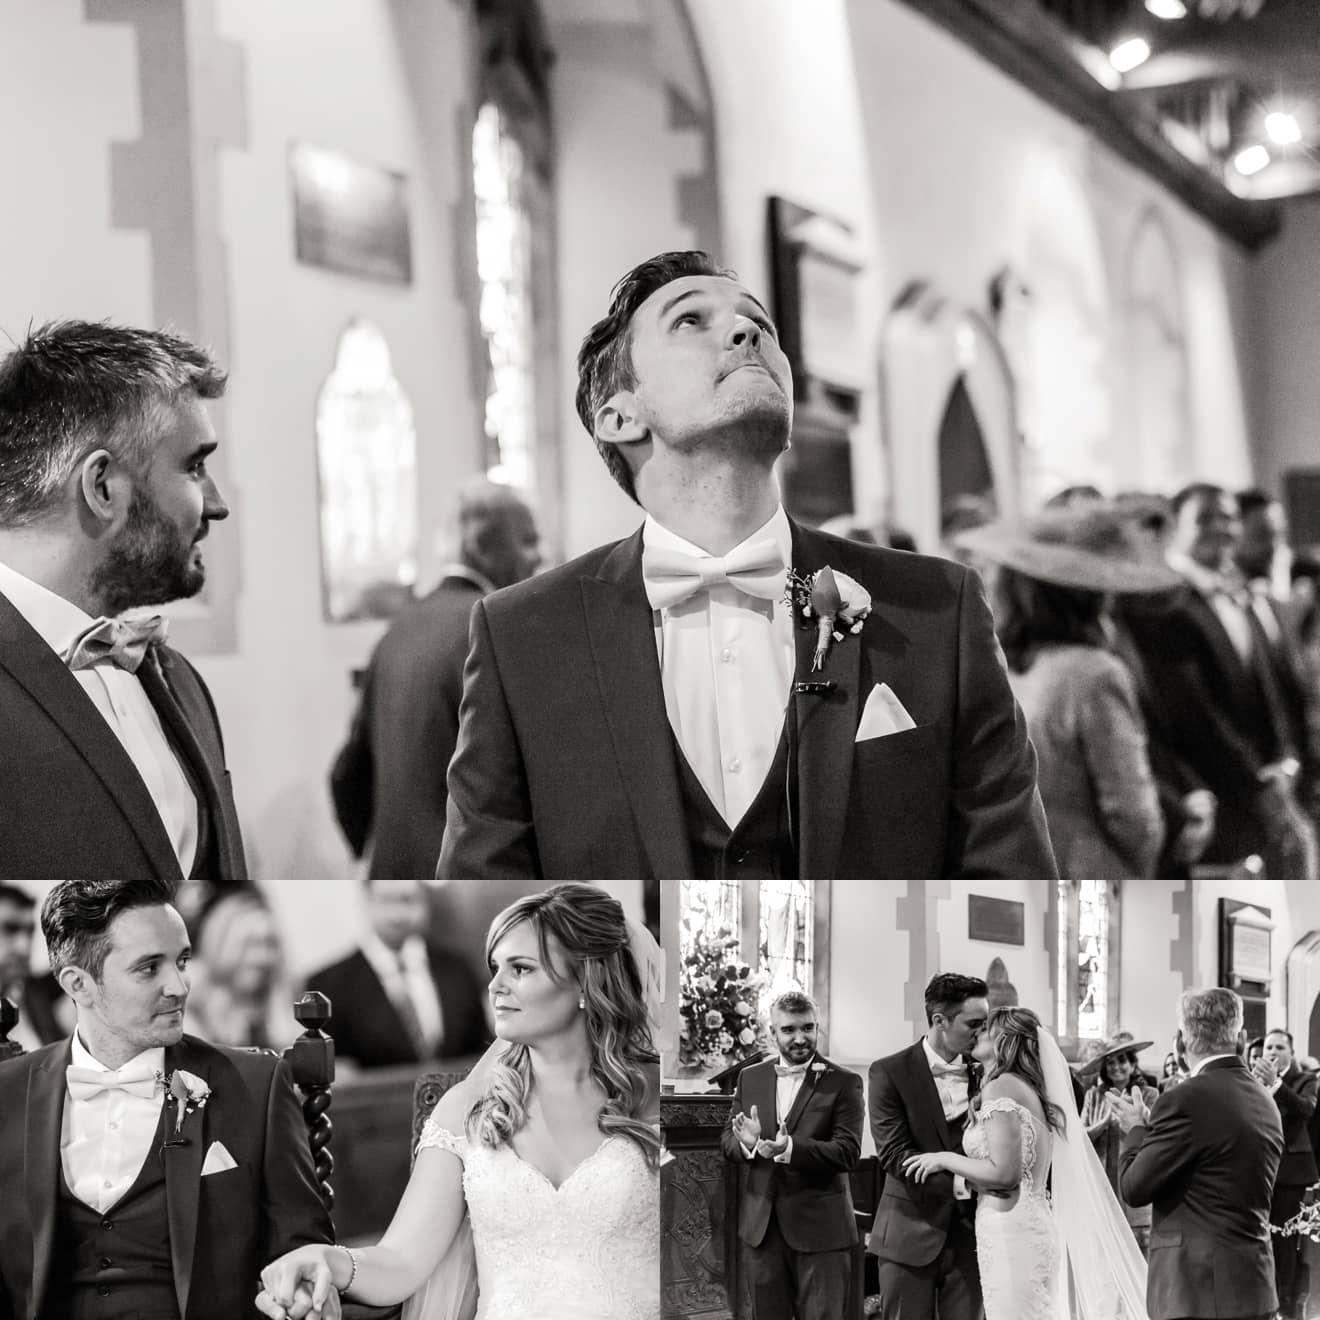 11-ClaireSam-Millbridge-Court-wedding-Eddie-Judd-Photography